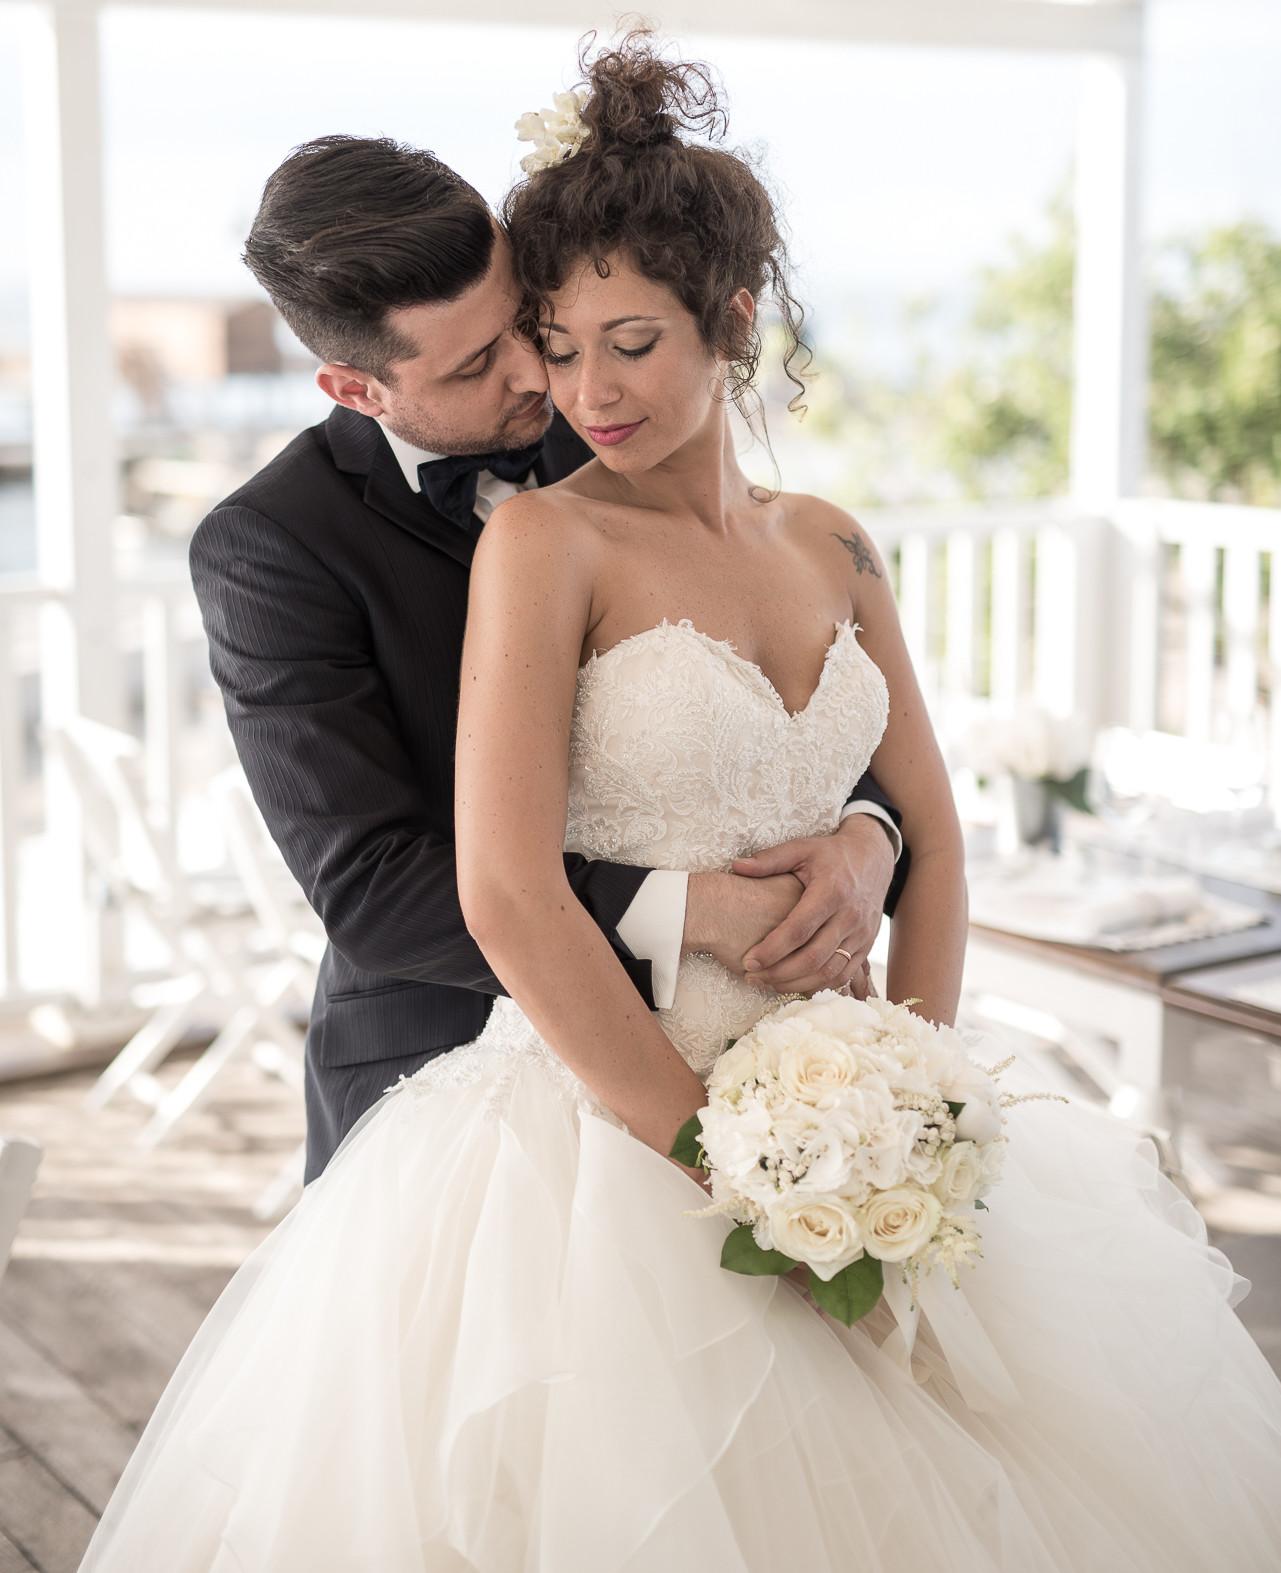 Ausbildung Hochzeitsplaner (IHK) Weiterbildung Stundenplan